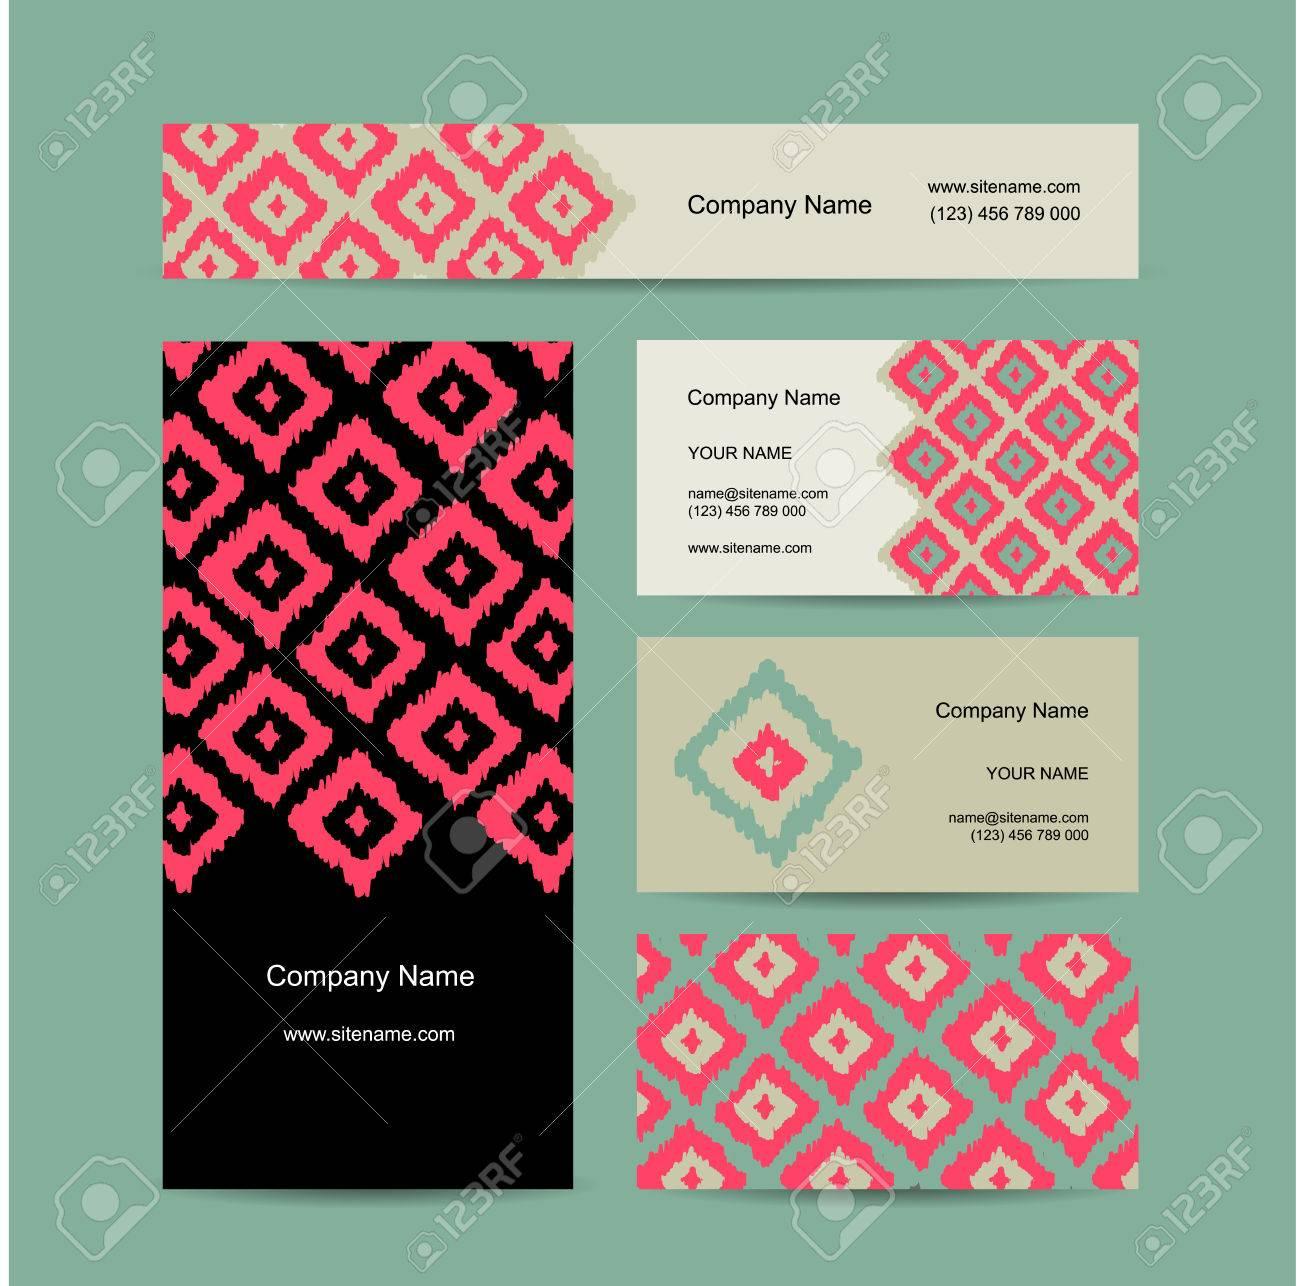 Cartes De Visite Conception Motif Gomtrique Tissu Clip Art